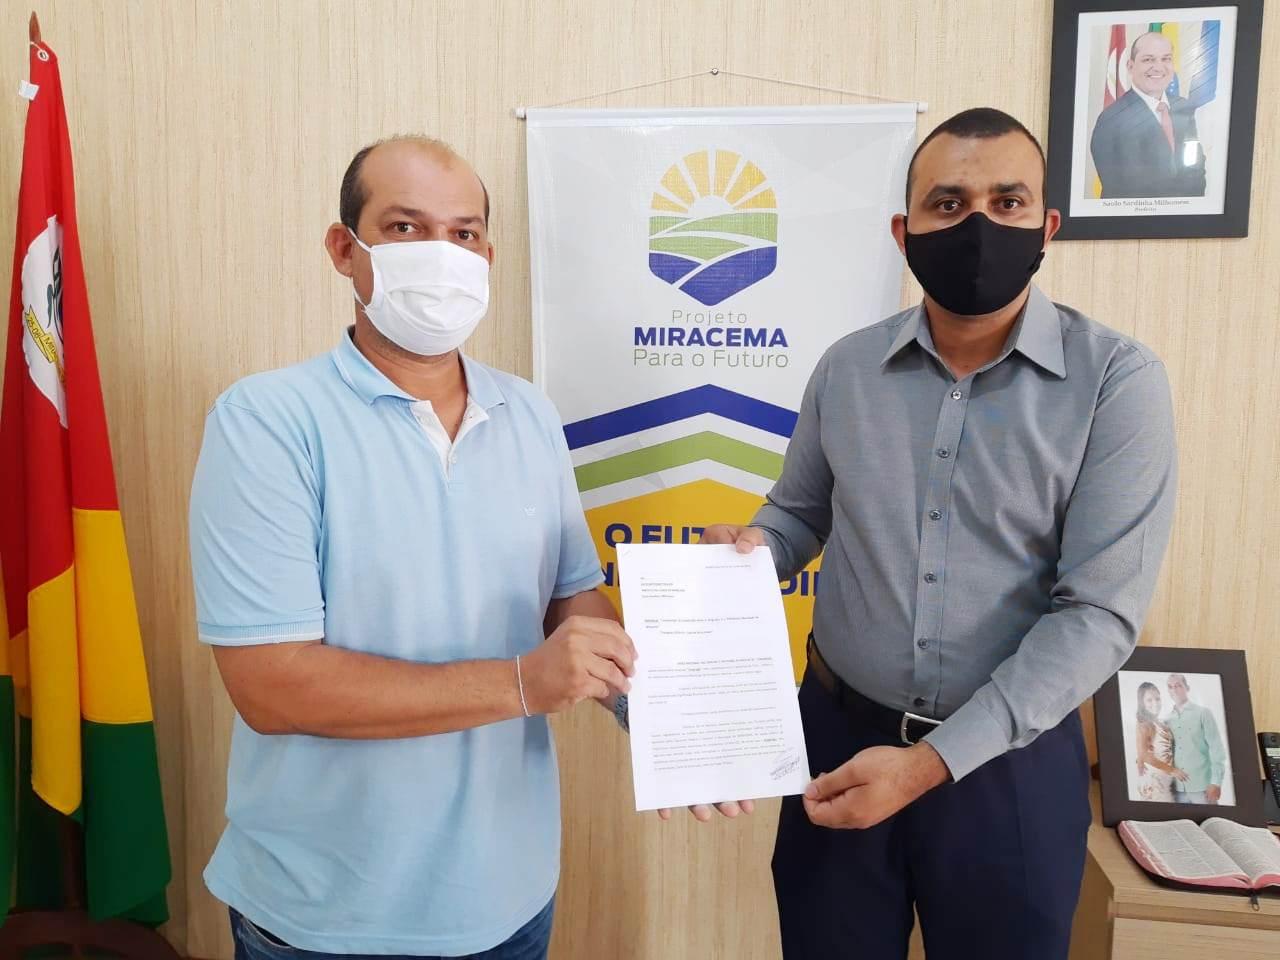 Covid-19: Prefeitura de Miracema recebe Termo de Cooperação e proposta de Plano de Funcionamento Seguro de Igreja Evangélica